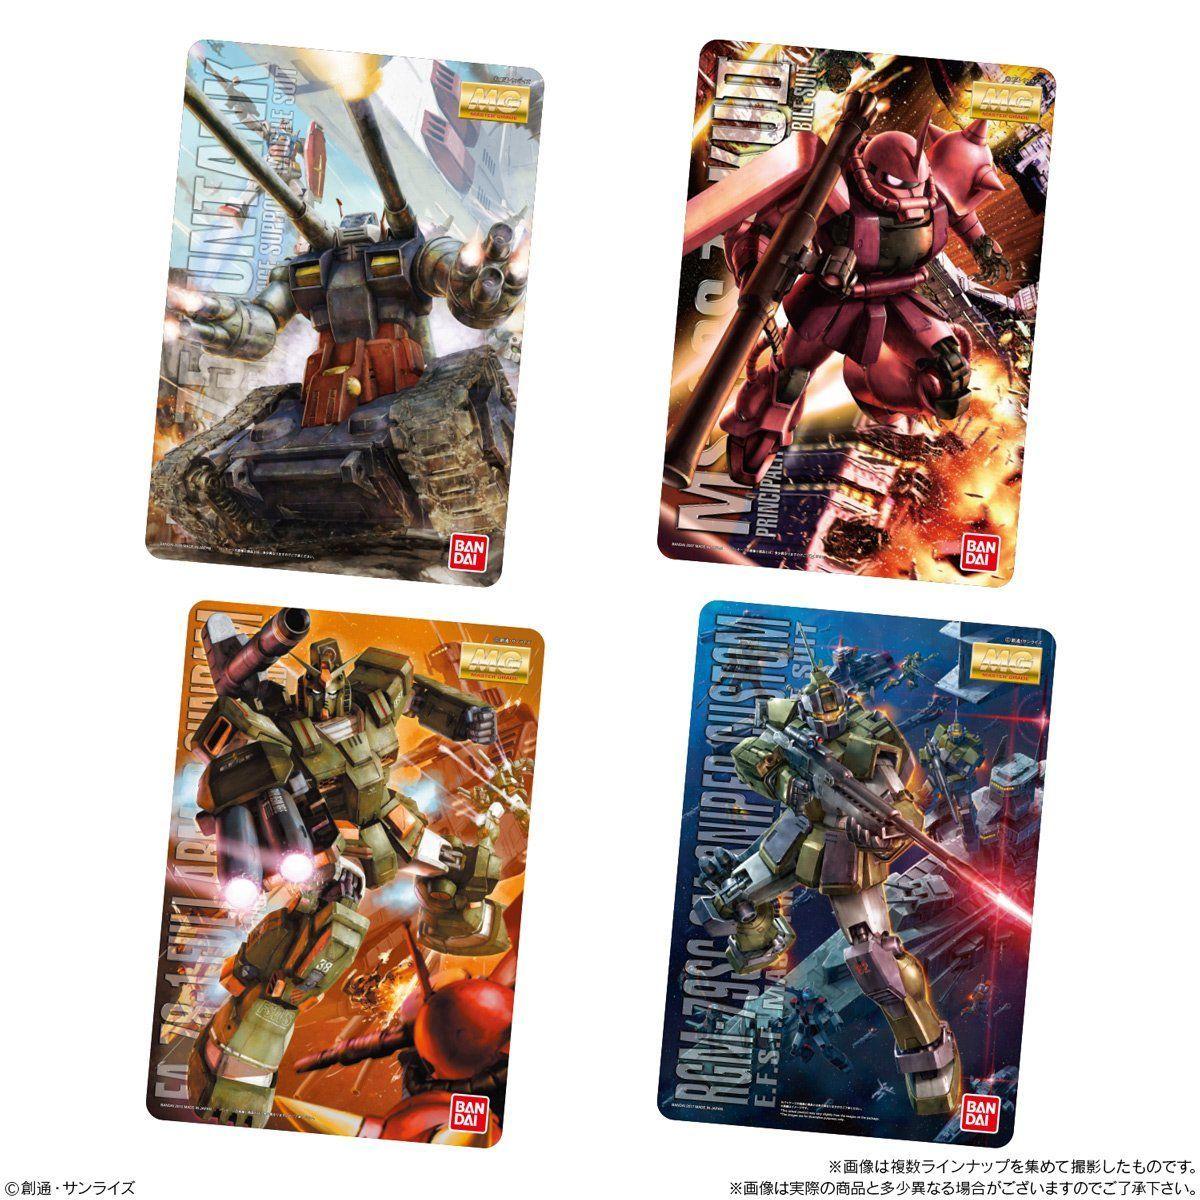 【食玩】『GUNDAMガンプラ パッケージアートコレクション チョコウエハース』20個入りBOX-005